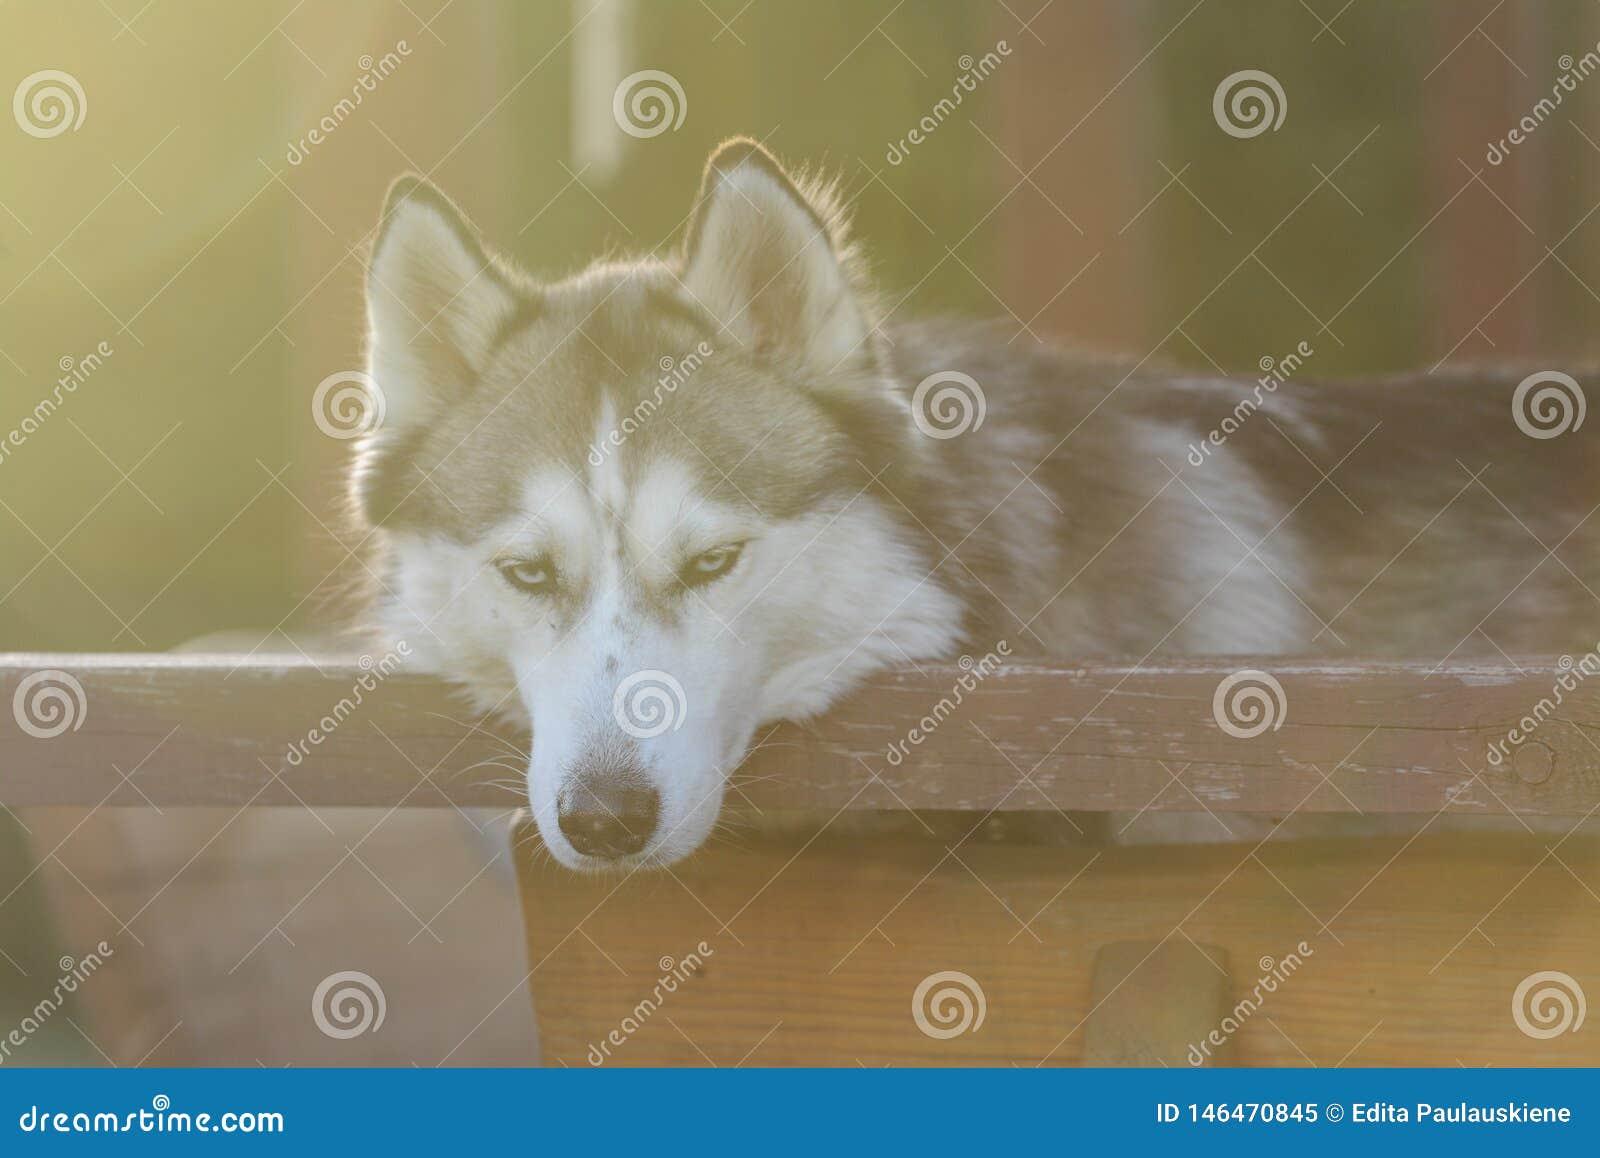 Nettes Freien des sibirischen Huskys, Hinterhof, summerhouse, goldene Stunde